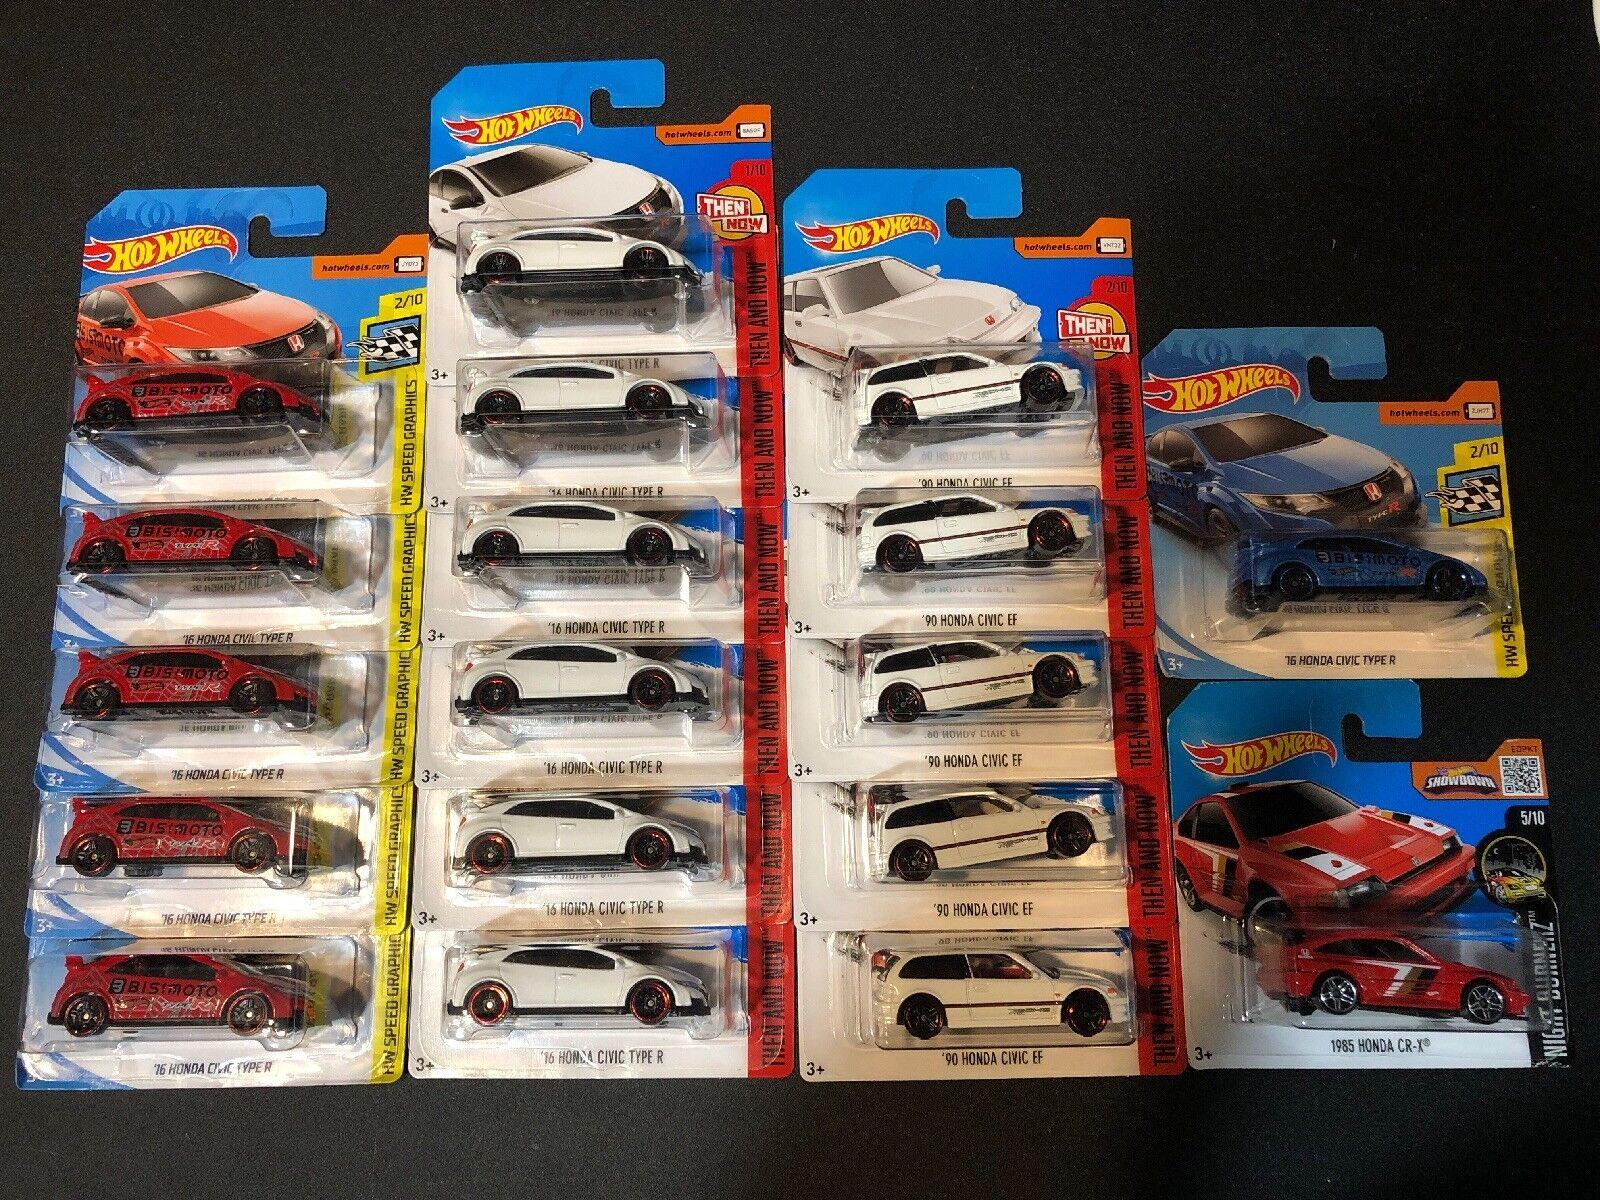 Hot Wheels Honda Lot de 18 voitures. tous court cartes    Type R, Civic EF, & CR-X.